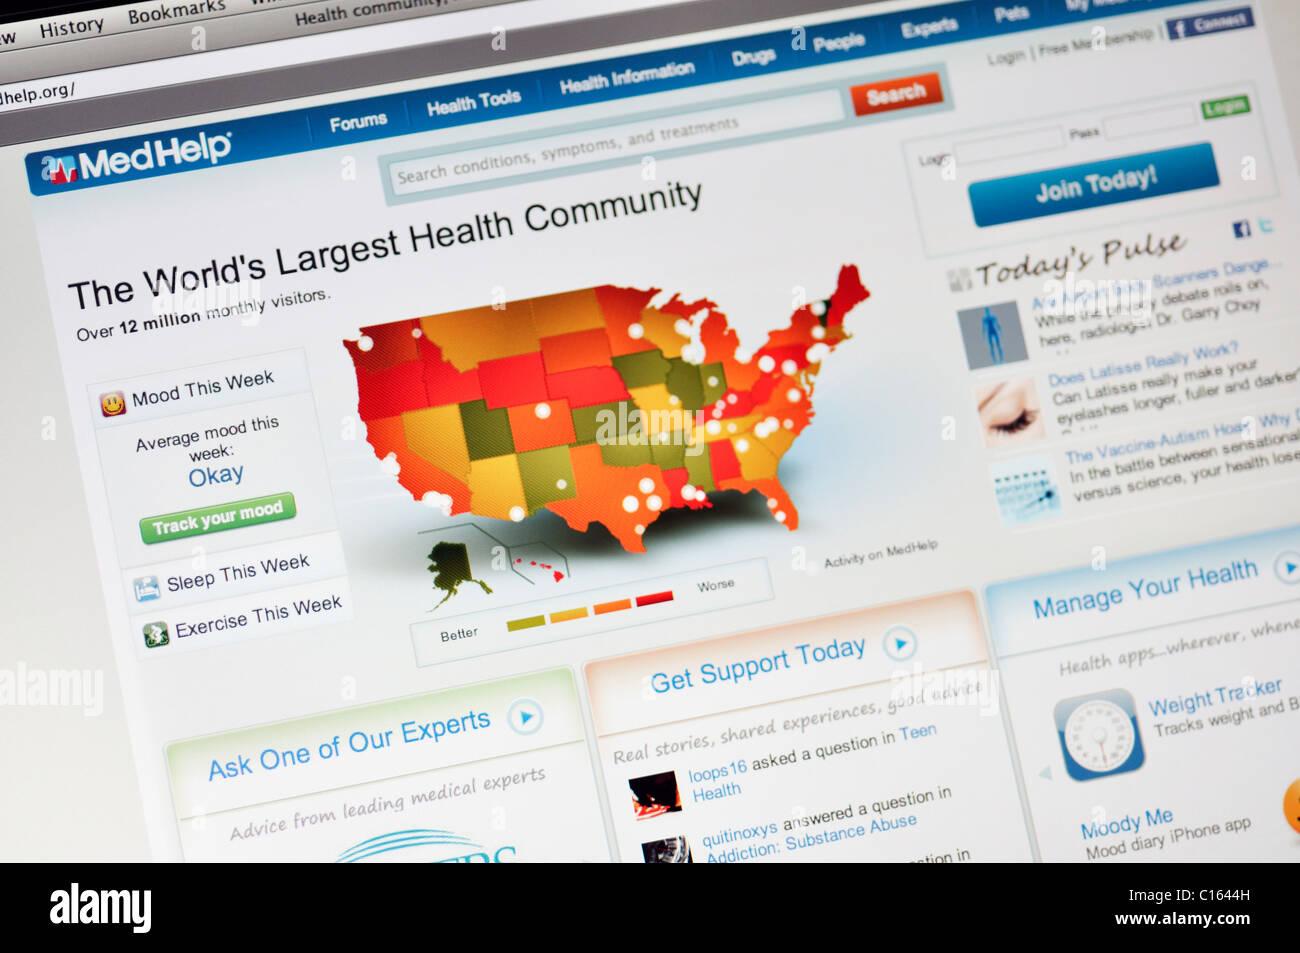 MedHelp-Website - Gesundheit und medizinische Beratung Stockbild